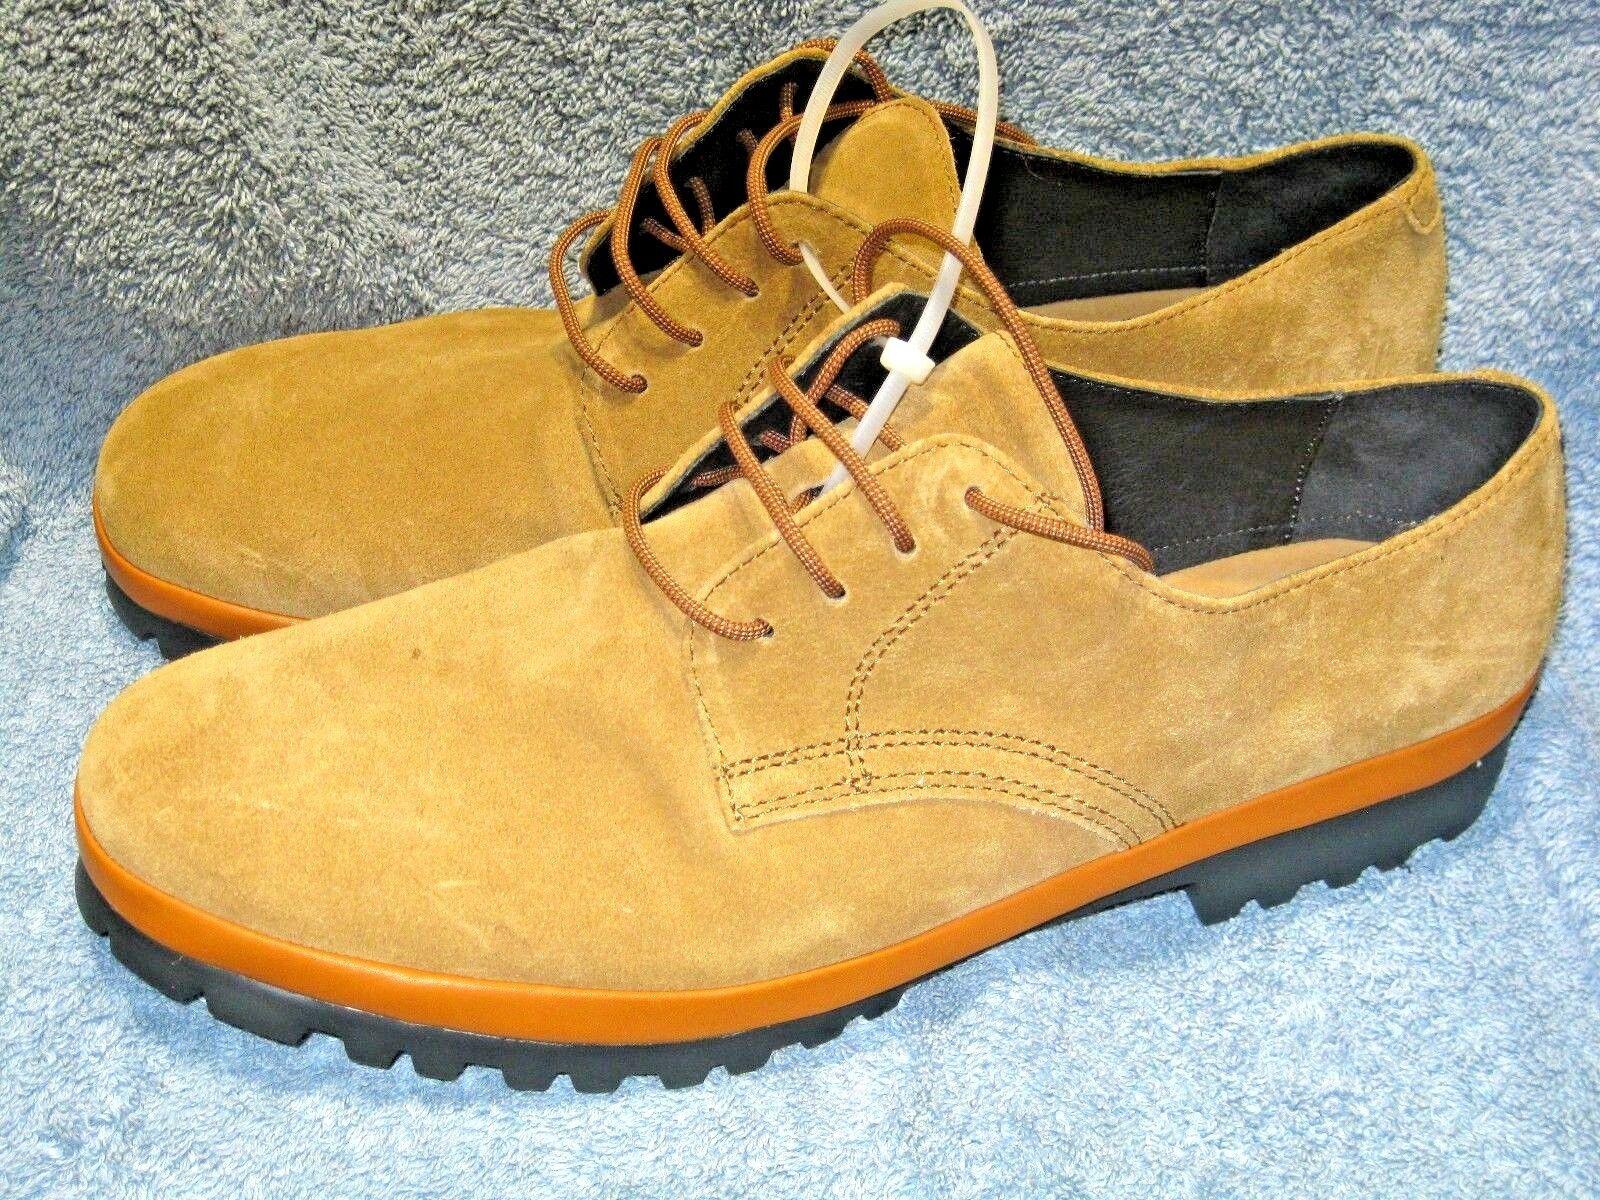 Camper Mens shoes Pegaso Extralight 18959-006 Size US10 EU43